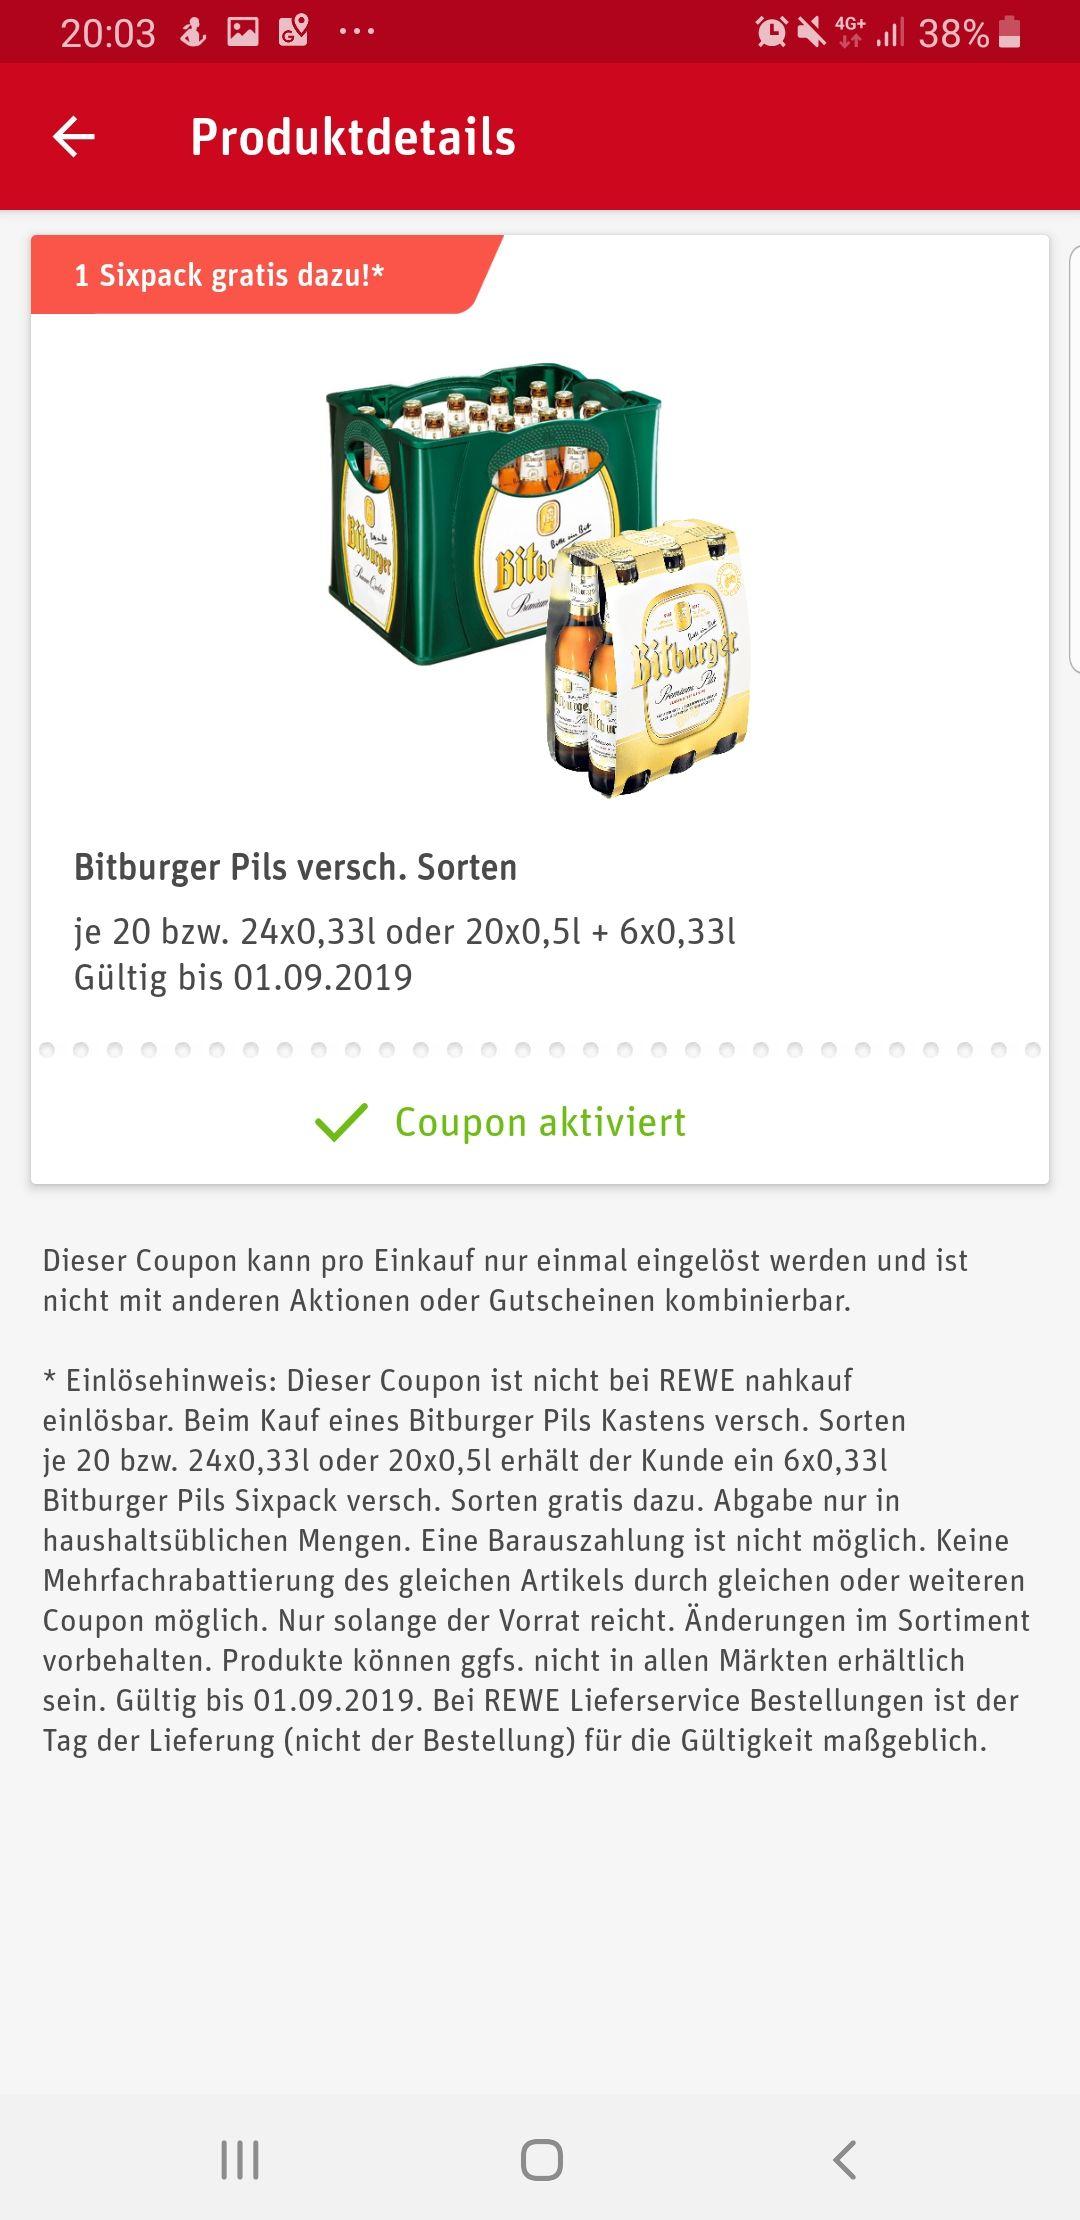 Rewe 26x033l Bitburger Für Eff 499 Payback